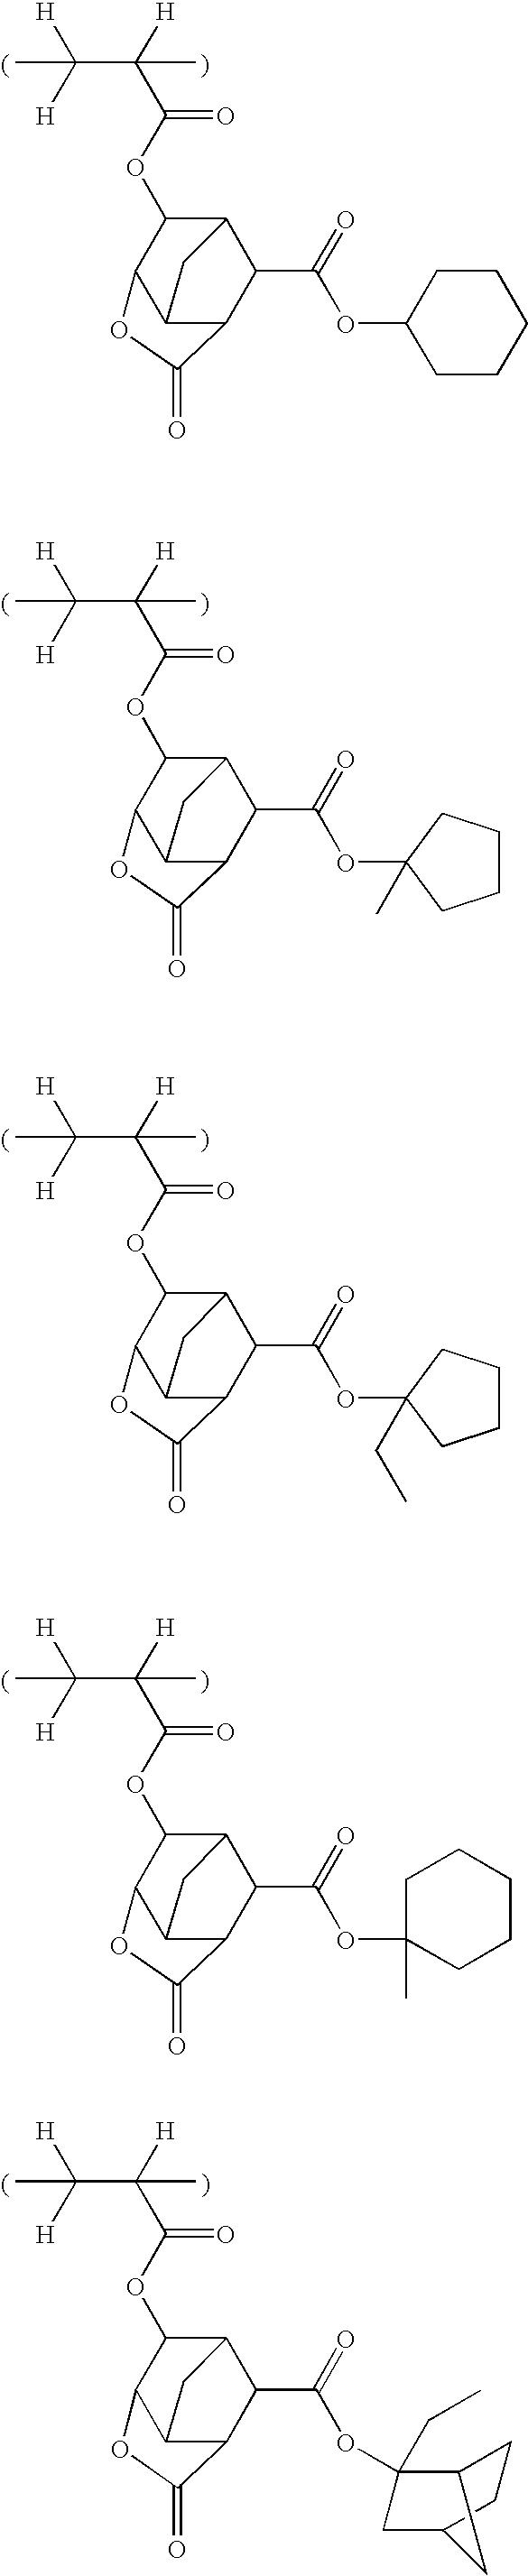 Figure US07771913-20100810-C00039